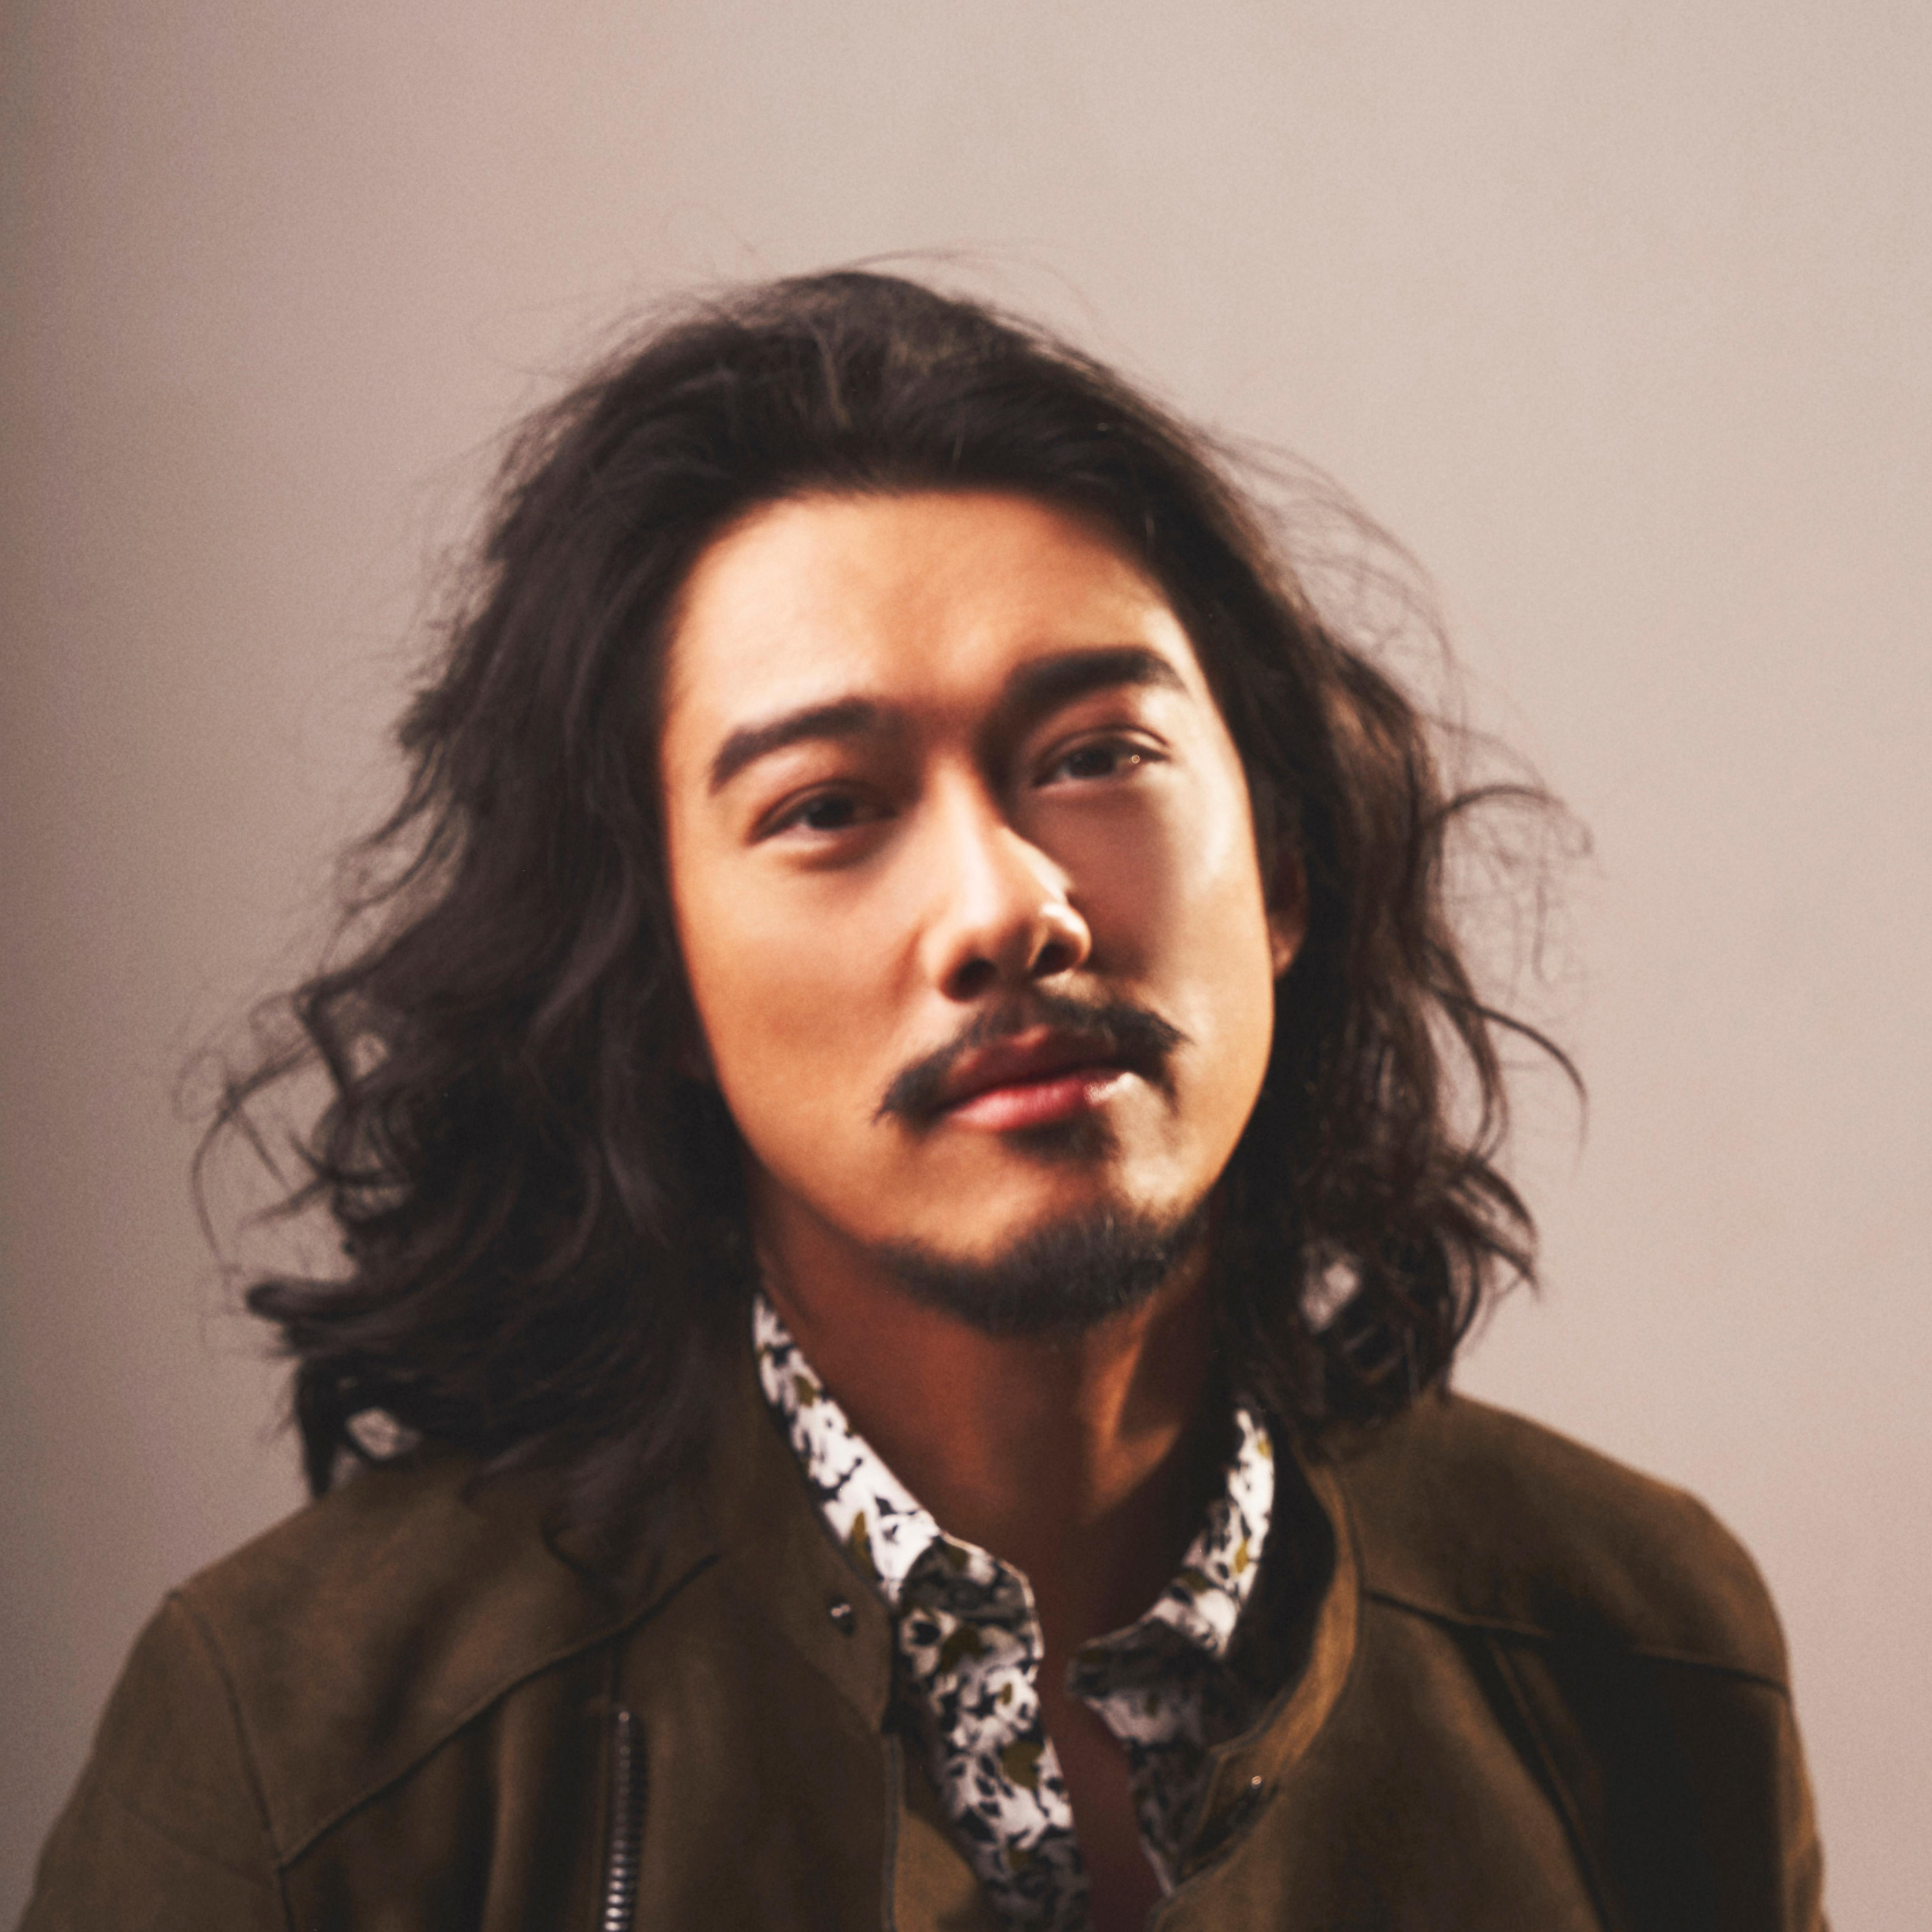 楊永聰 搖滾音樂詩人